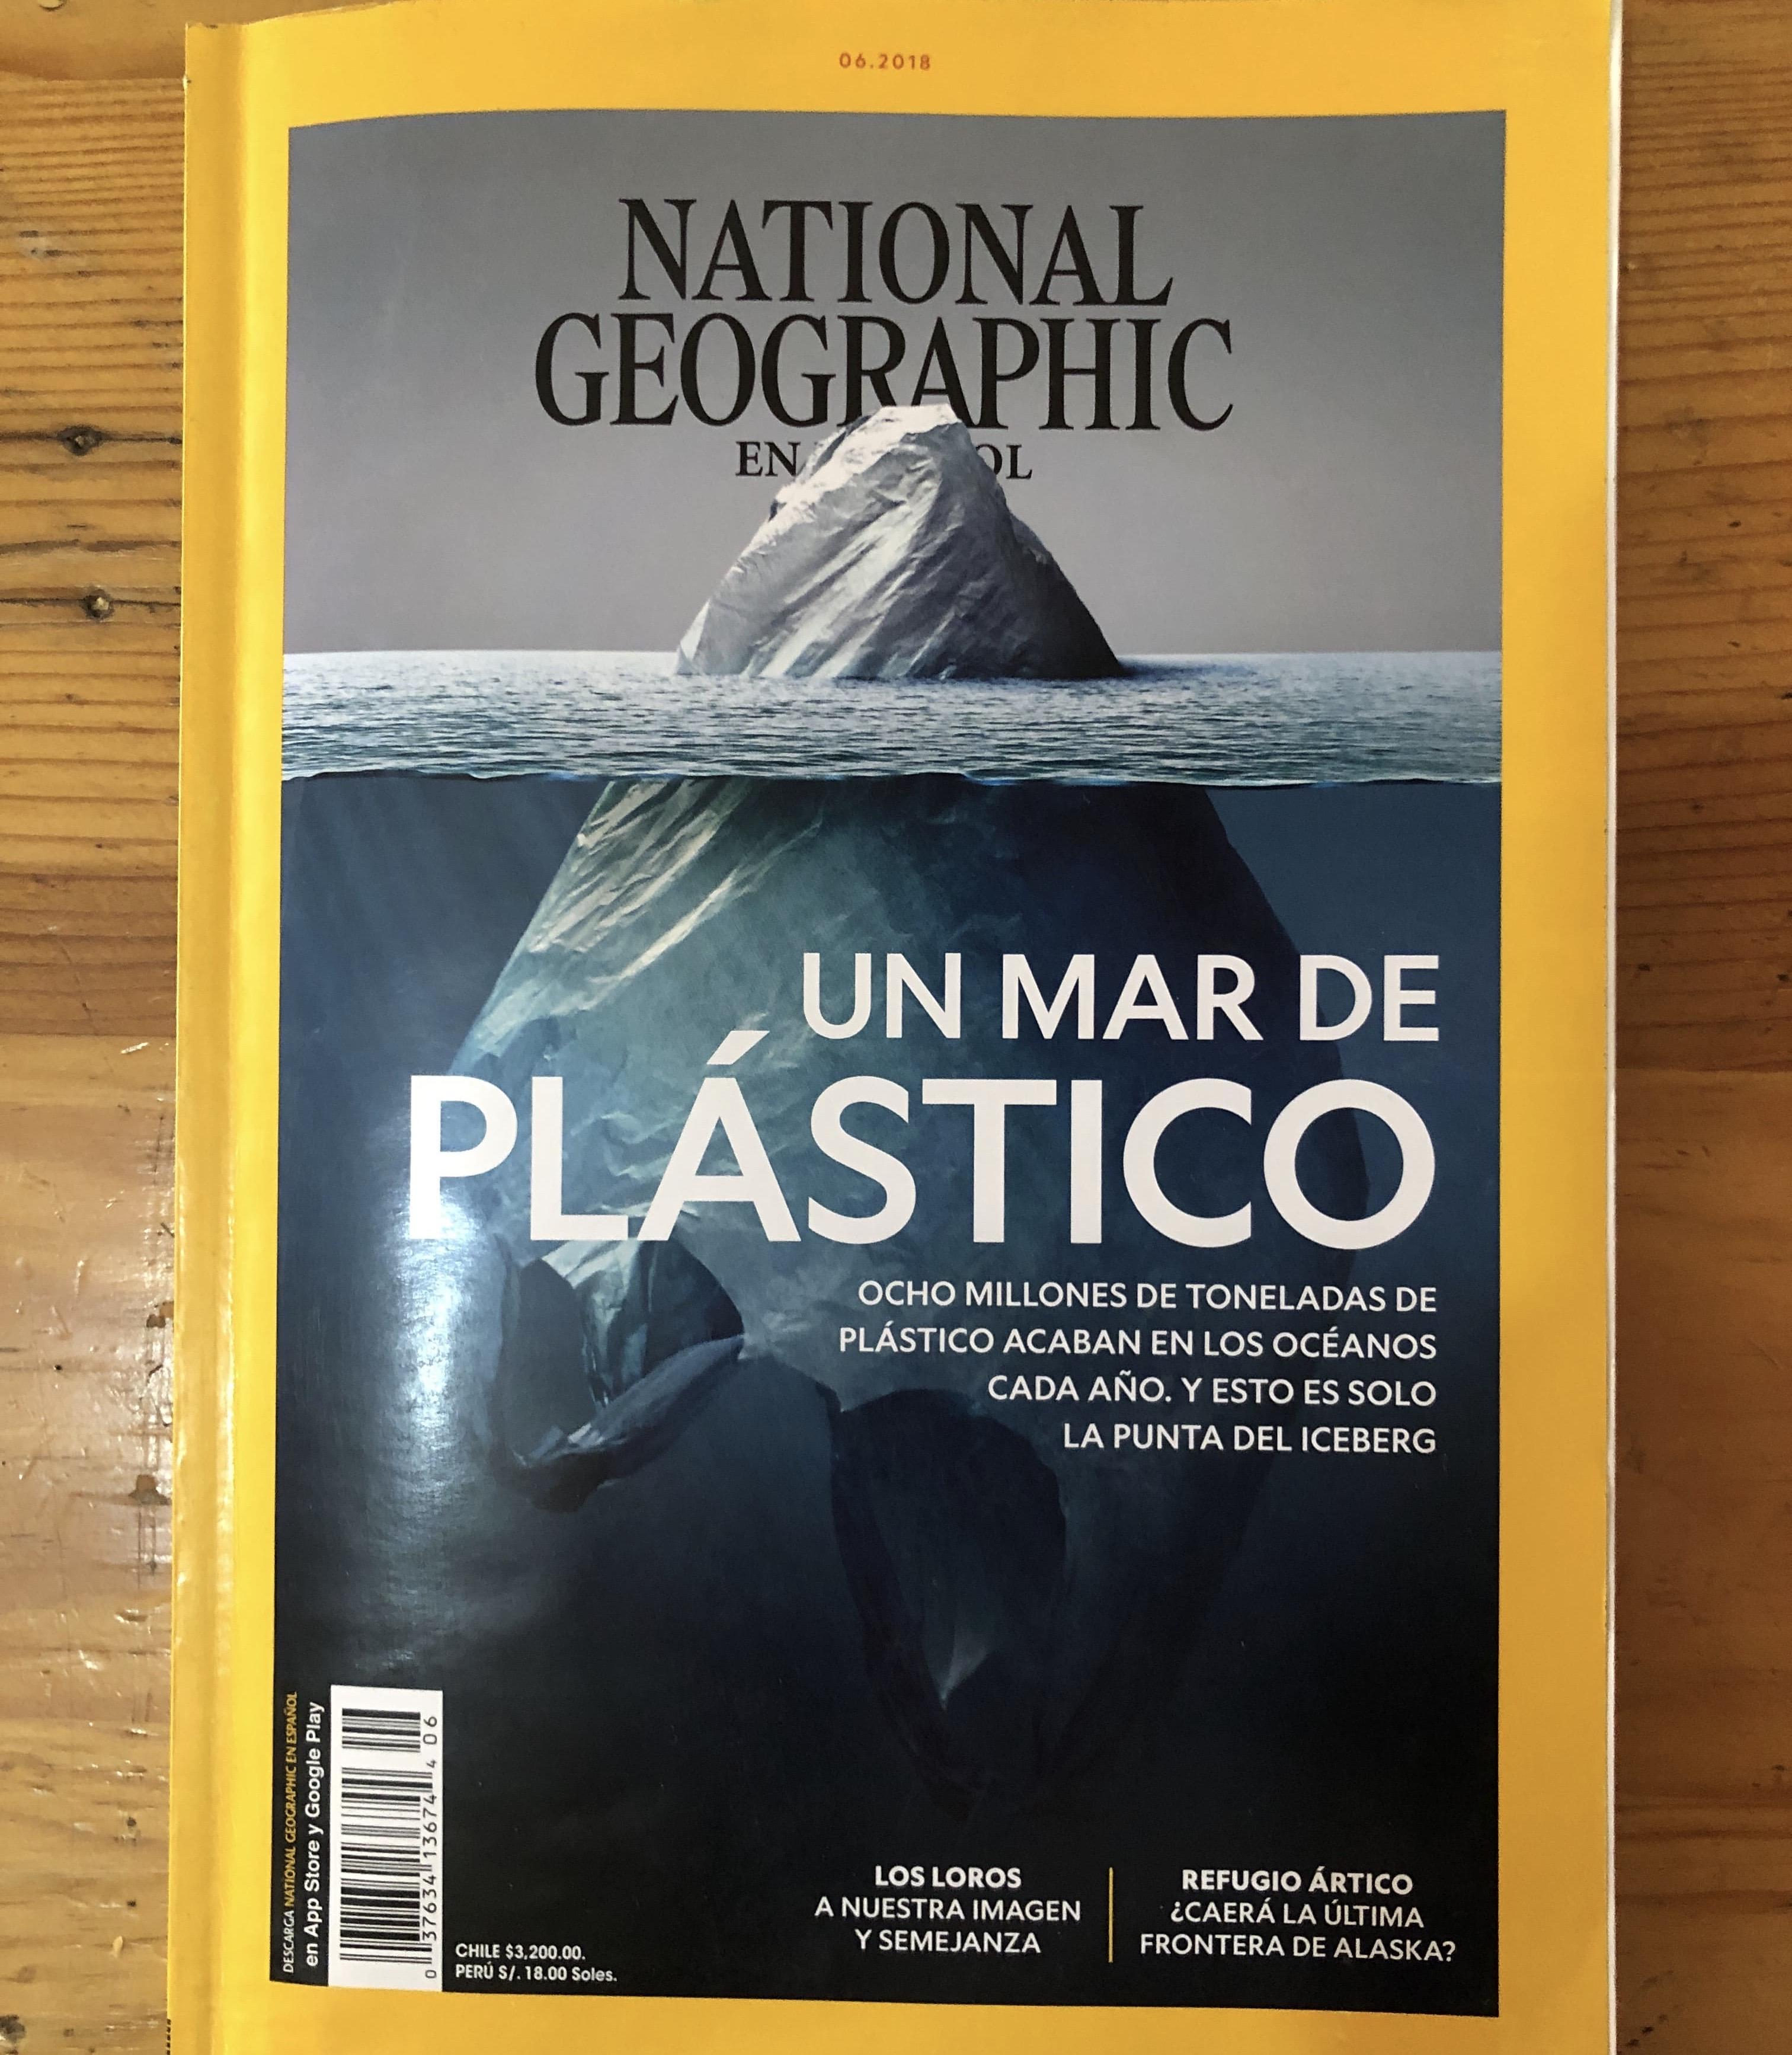 スペイン語の雑誌で勉強してみる